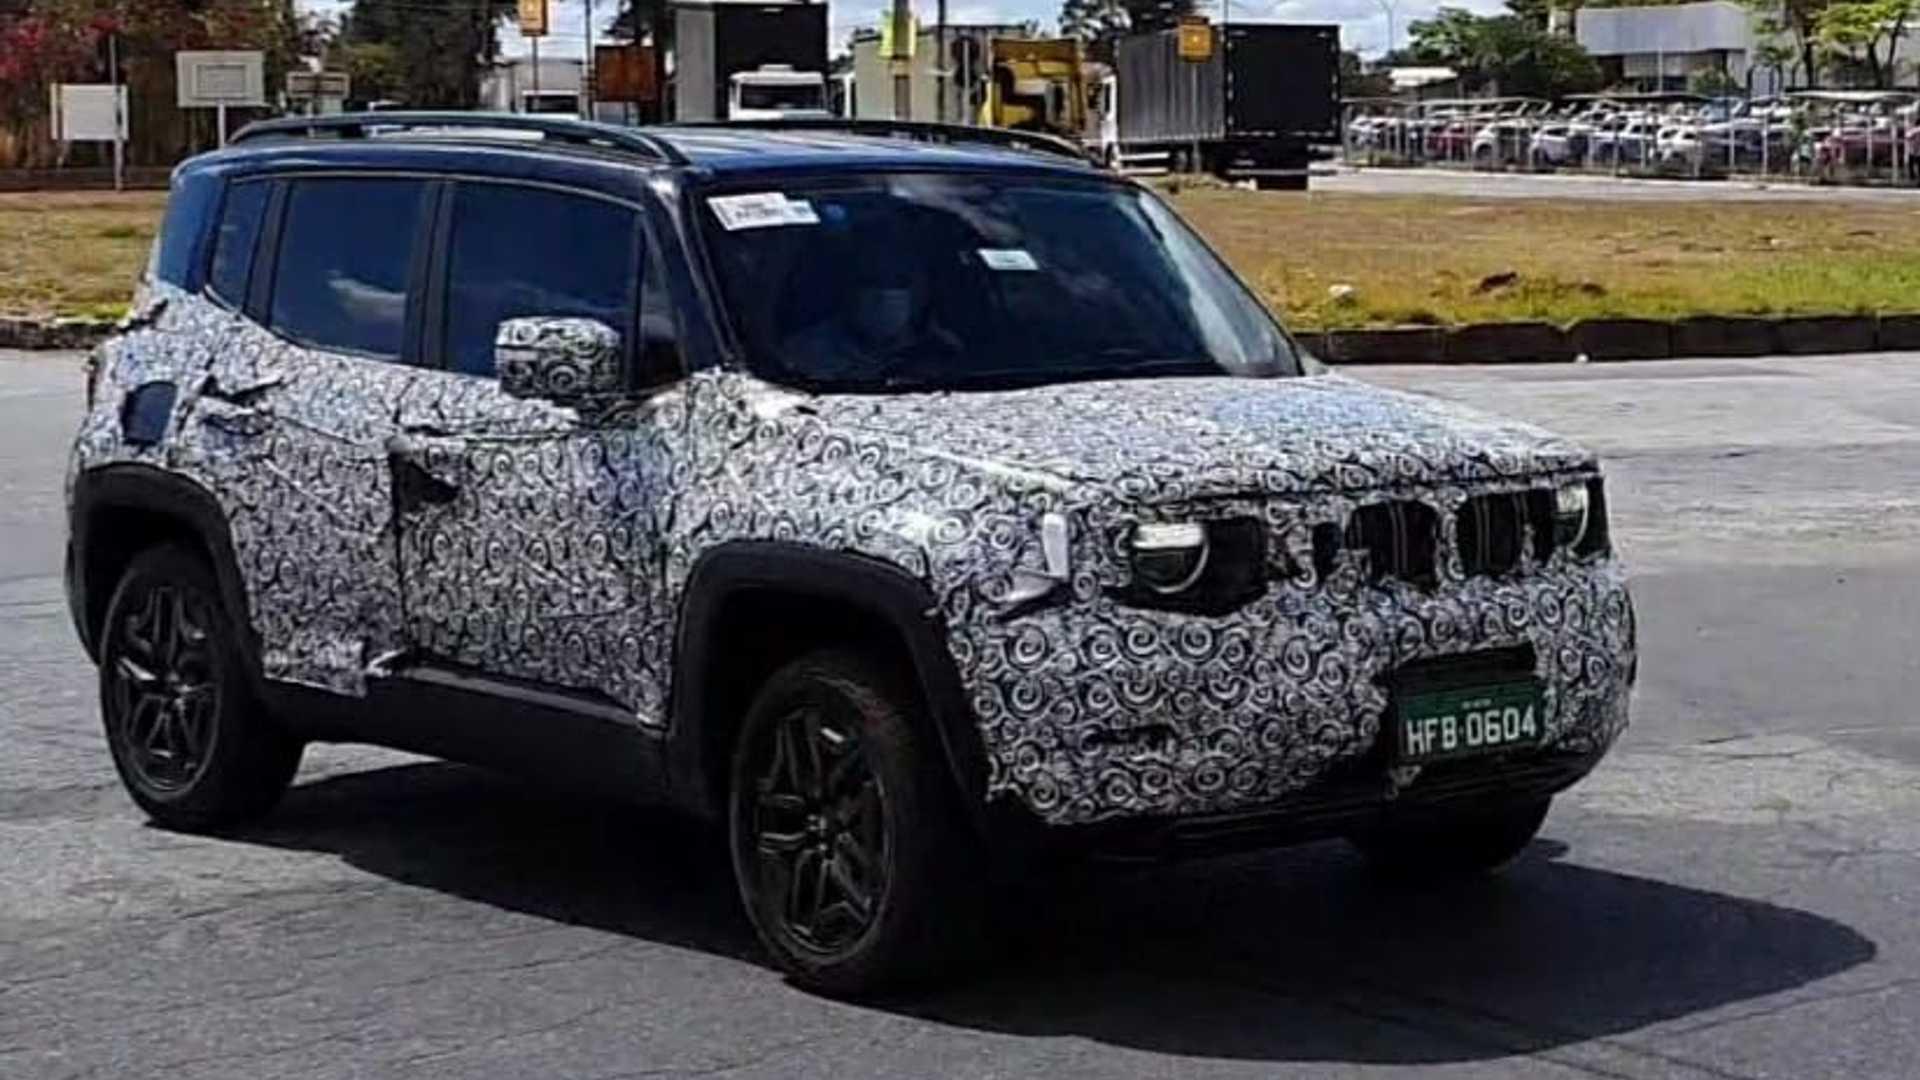 视频:外观小幅调整 新款Jeep自由侠谍照曝光-视频版